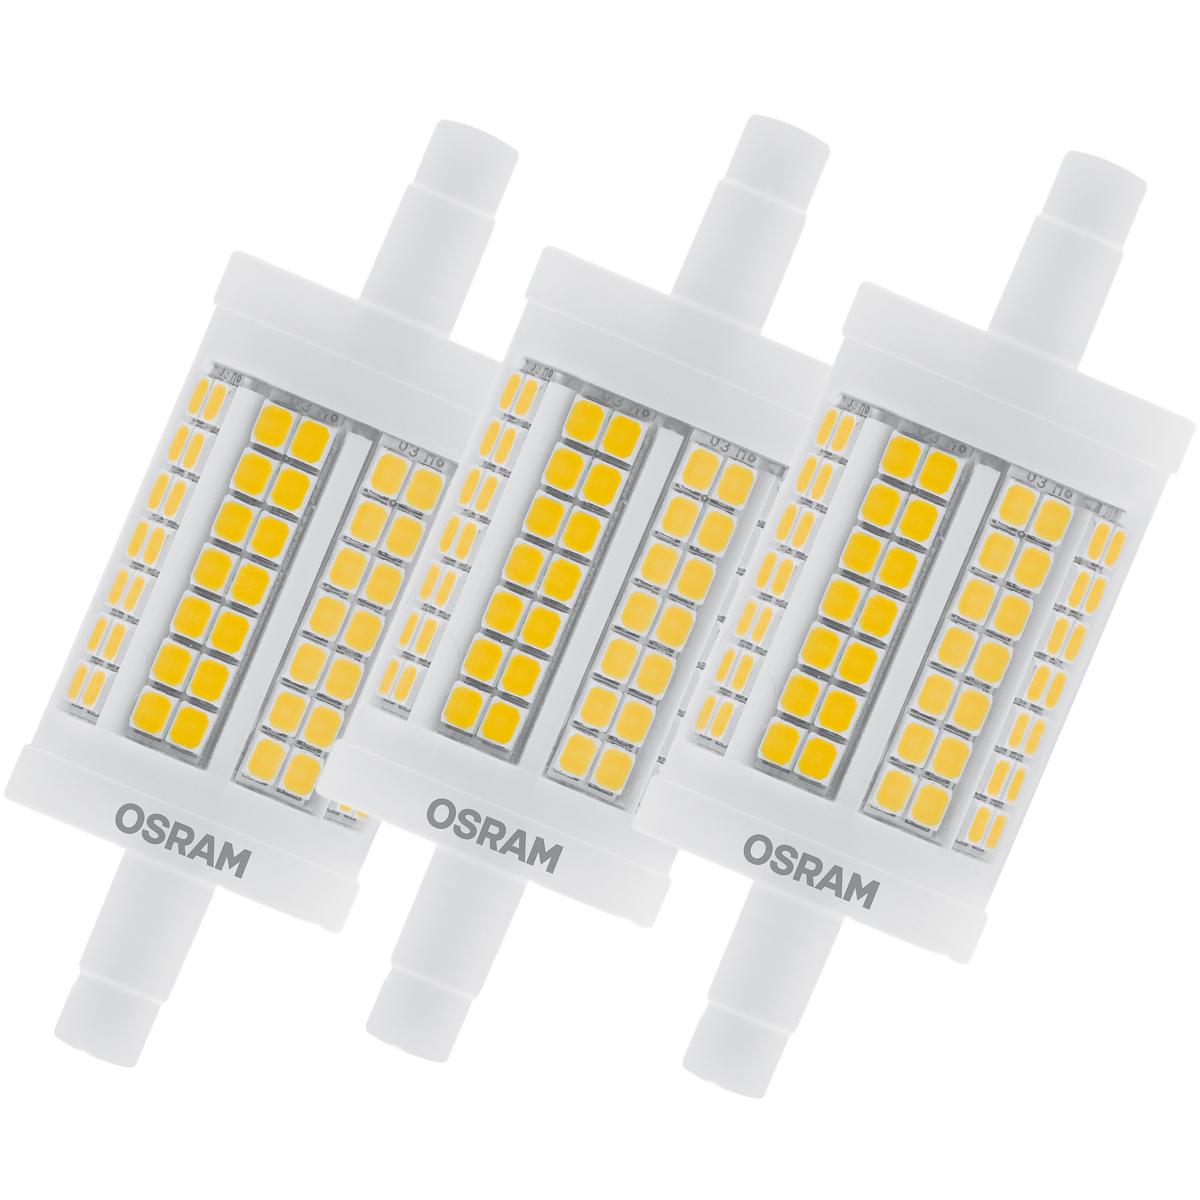 osram led star line r7s 11 5w 100w 1521lm warm white 2700k l nge 78mm nondim 3er. Black Bedroom Furniture Sets. Home Design Ideas